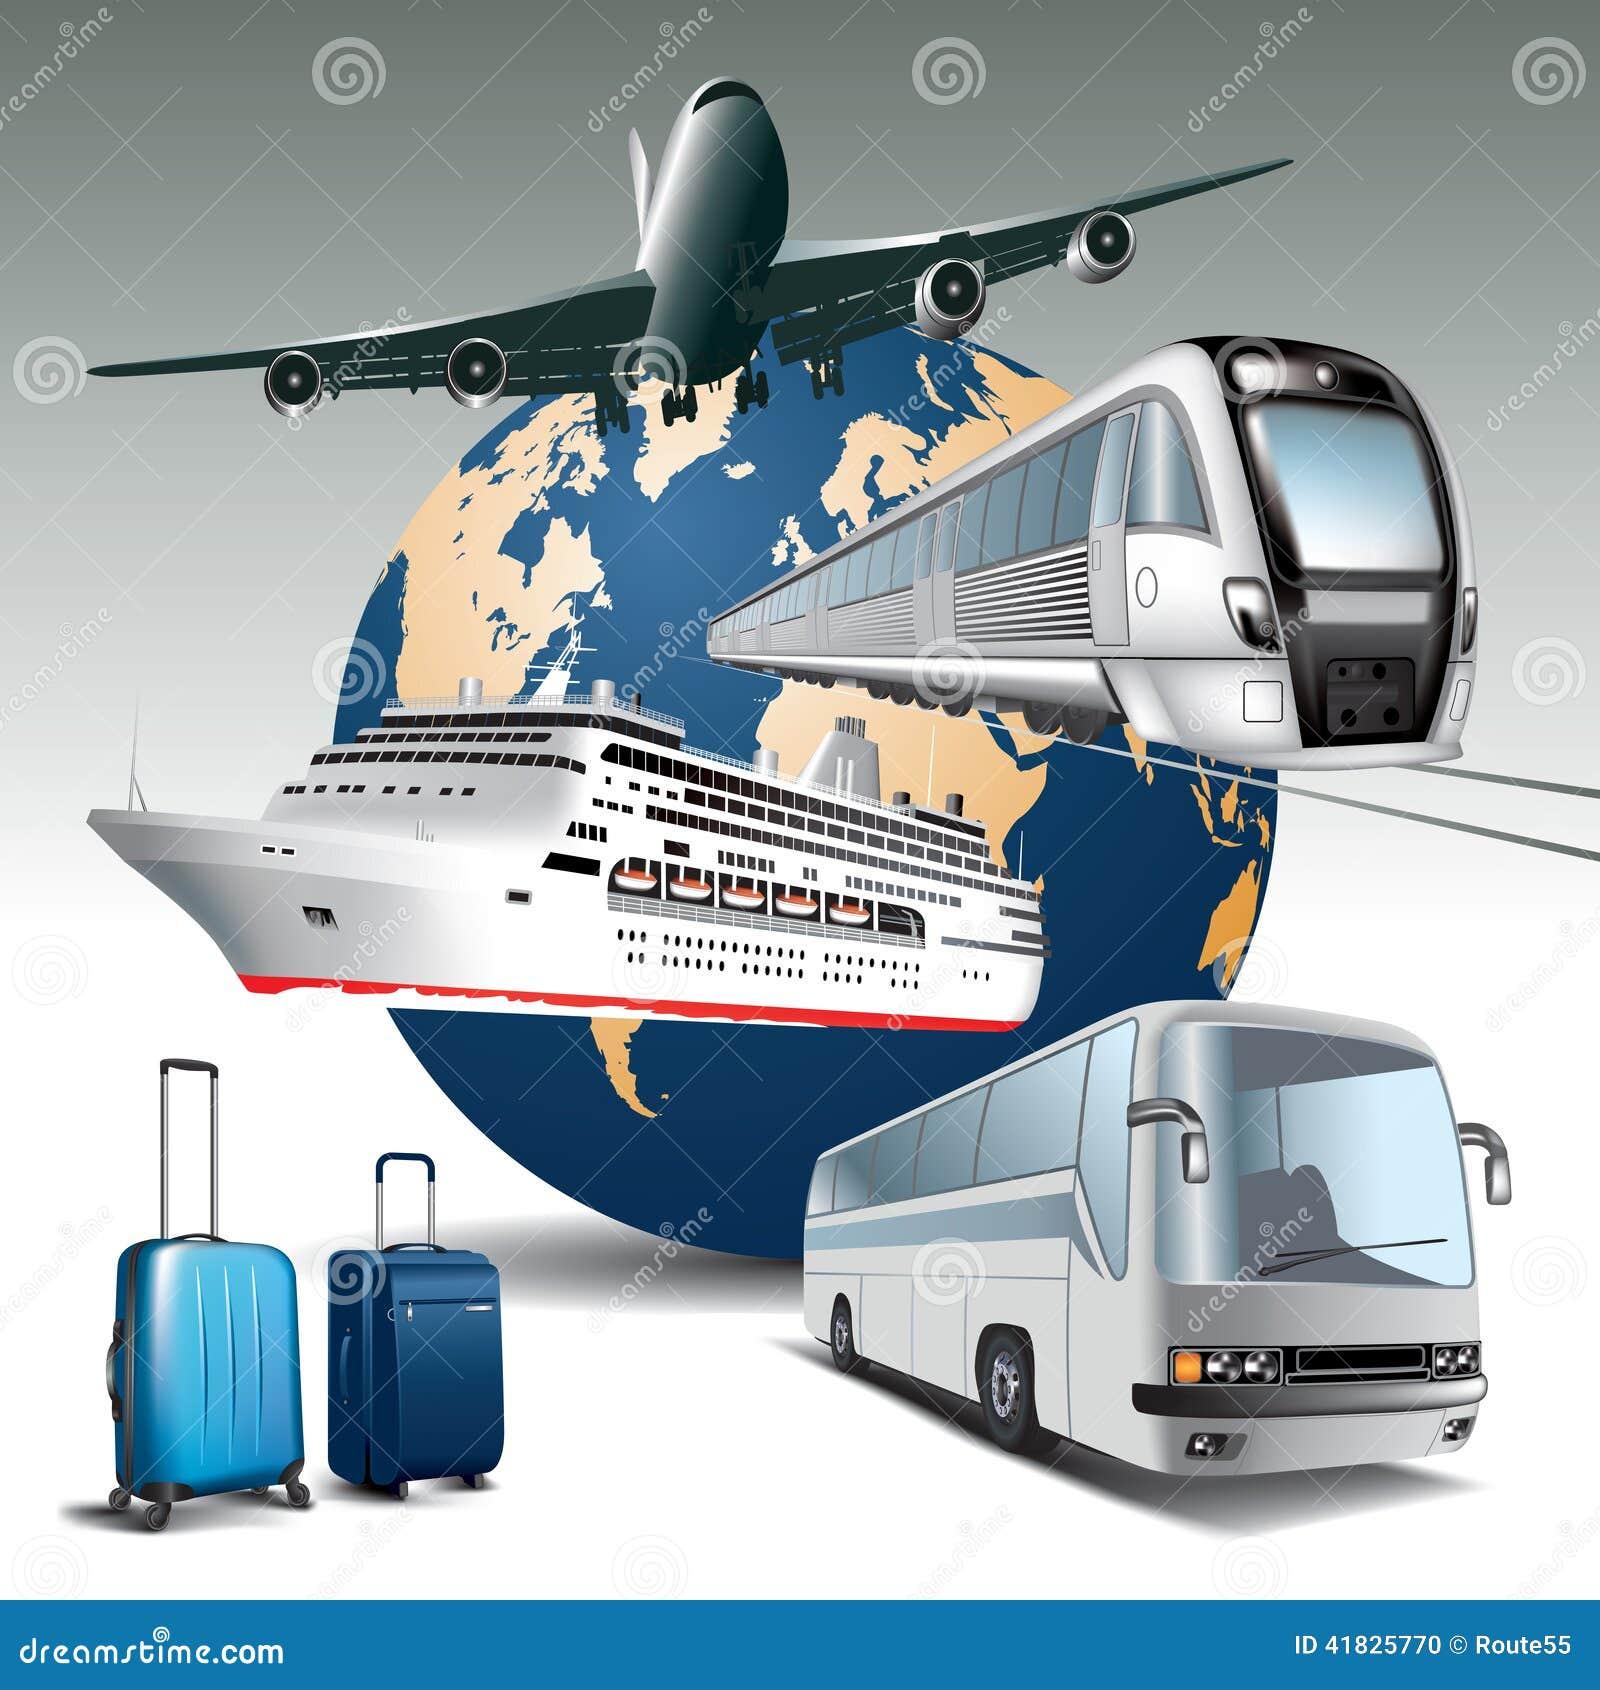 travel transportation stock vector illustration of ship 41825770